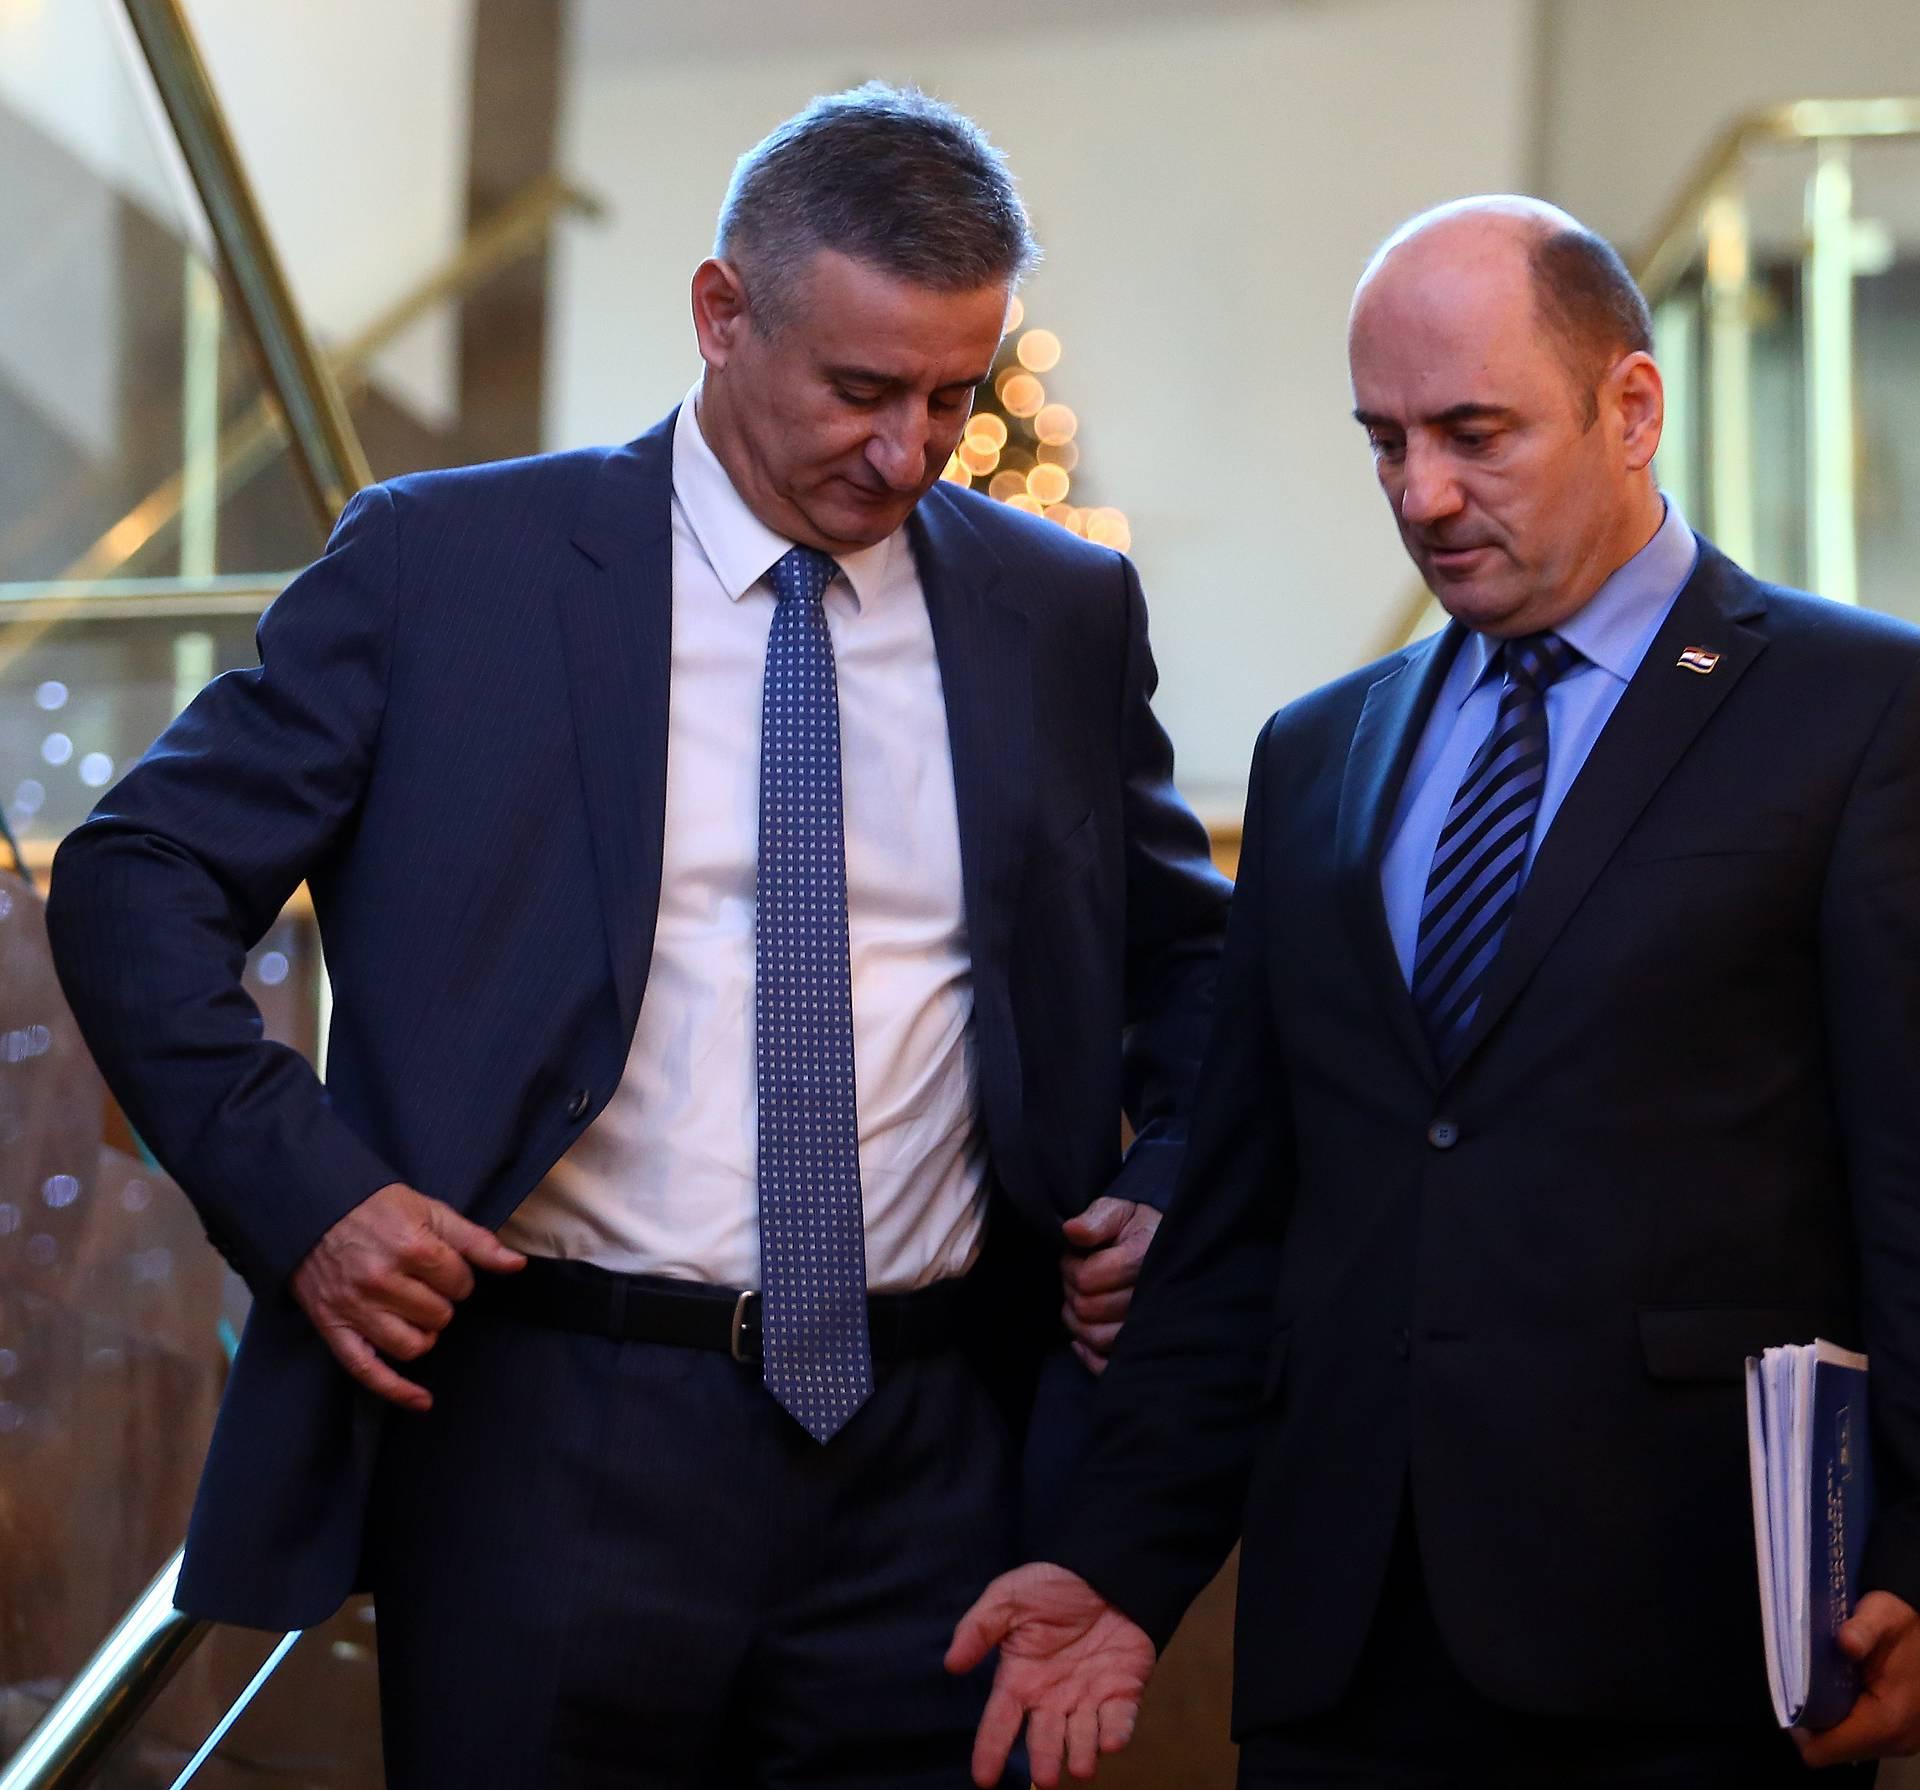 Brkić tražio od Karamarka da odstupi: Spasi stranku i Vladu